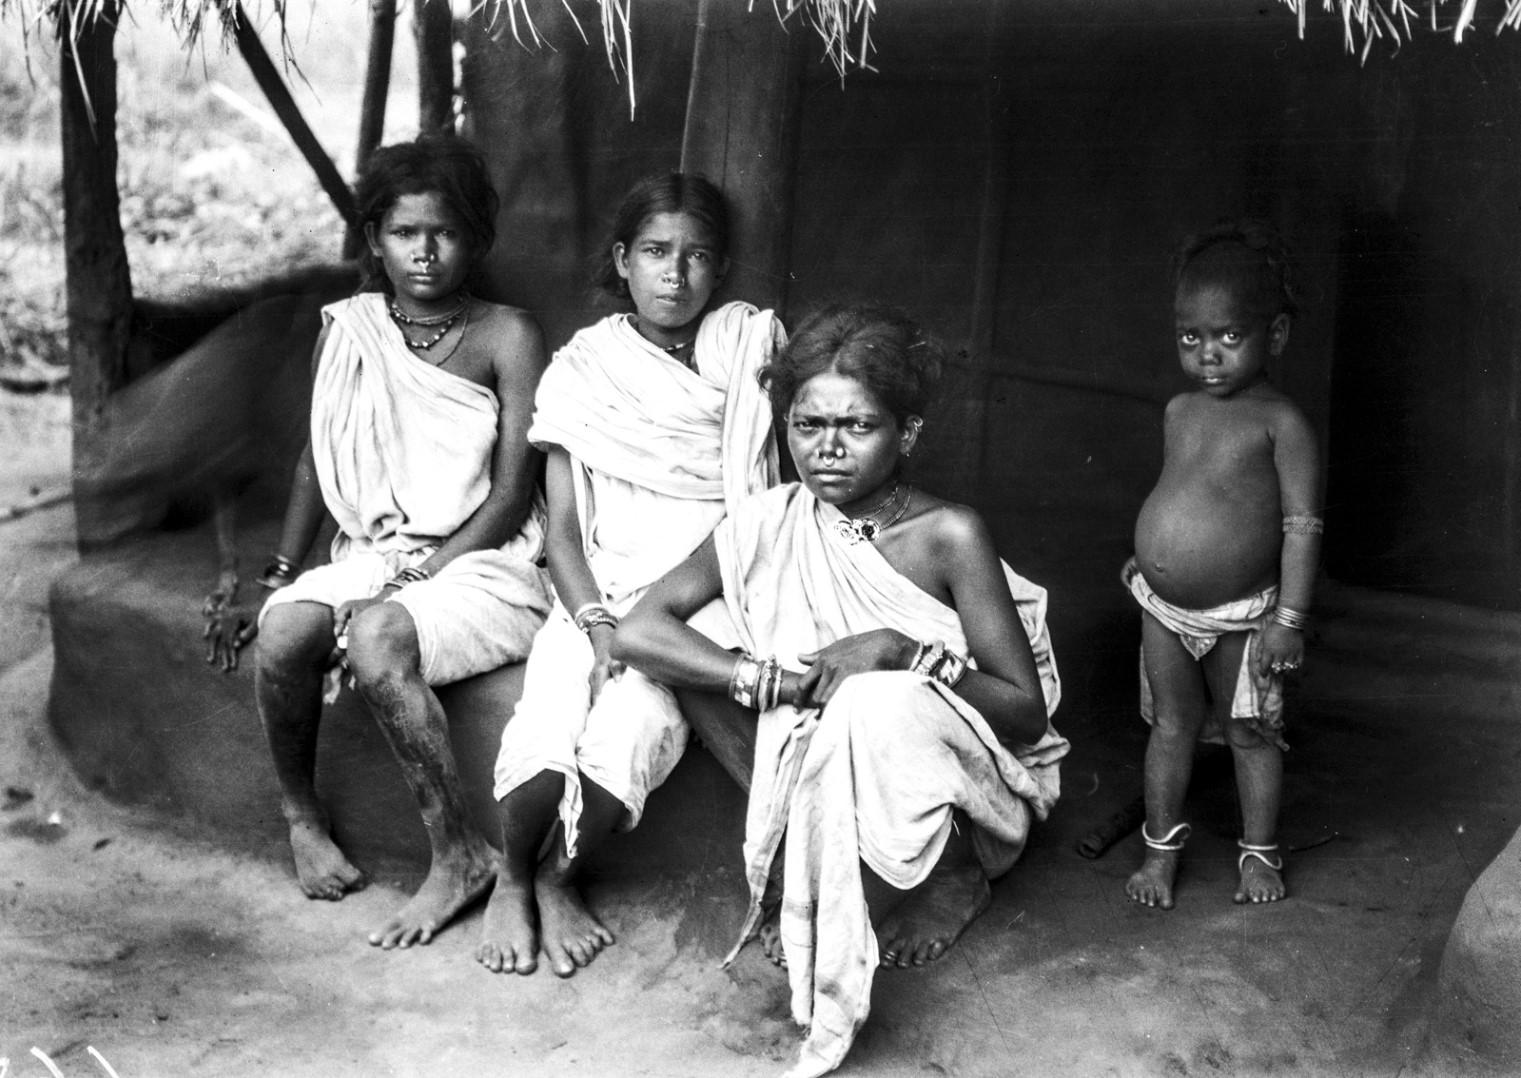 728. Орисса. Портрет трех девочек с малышом на крыльце